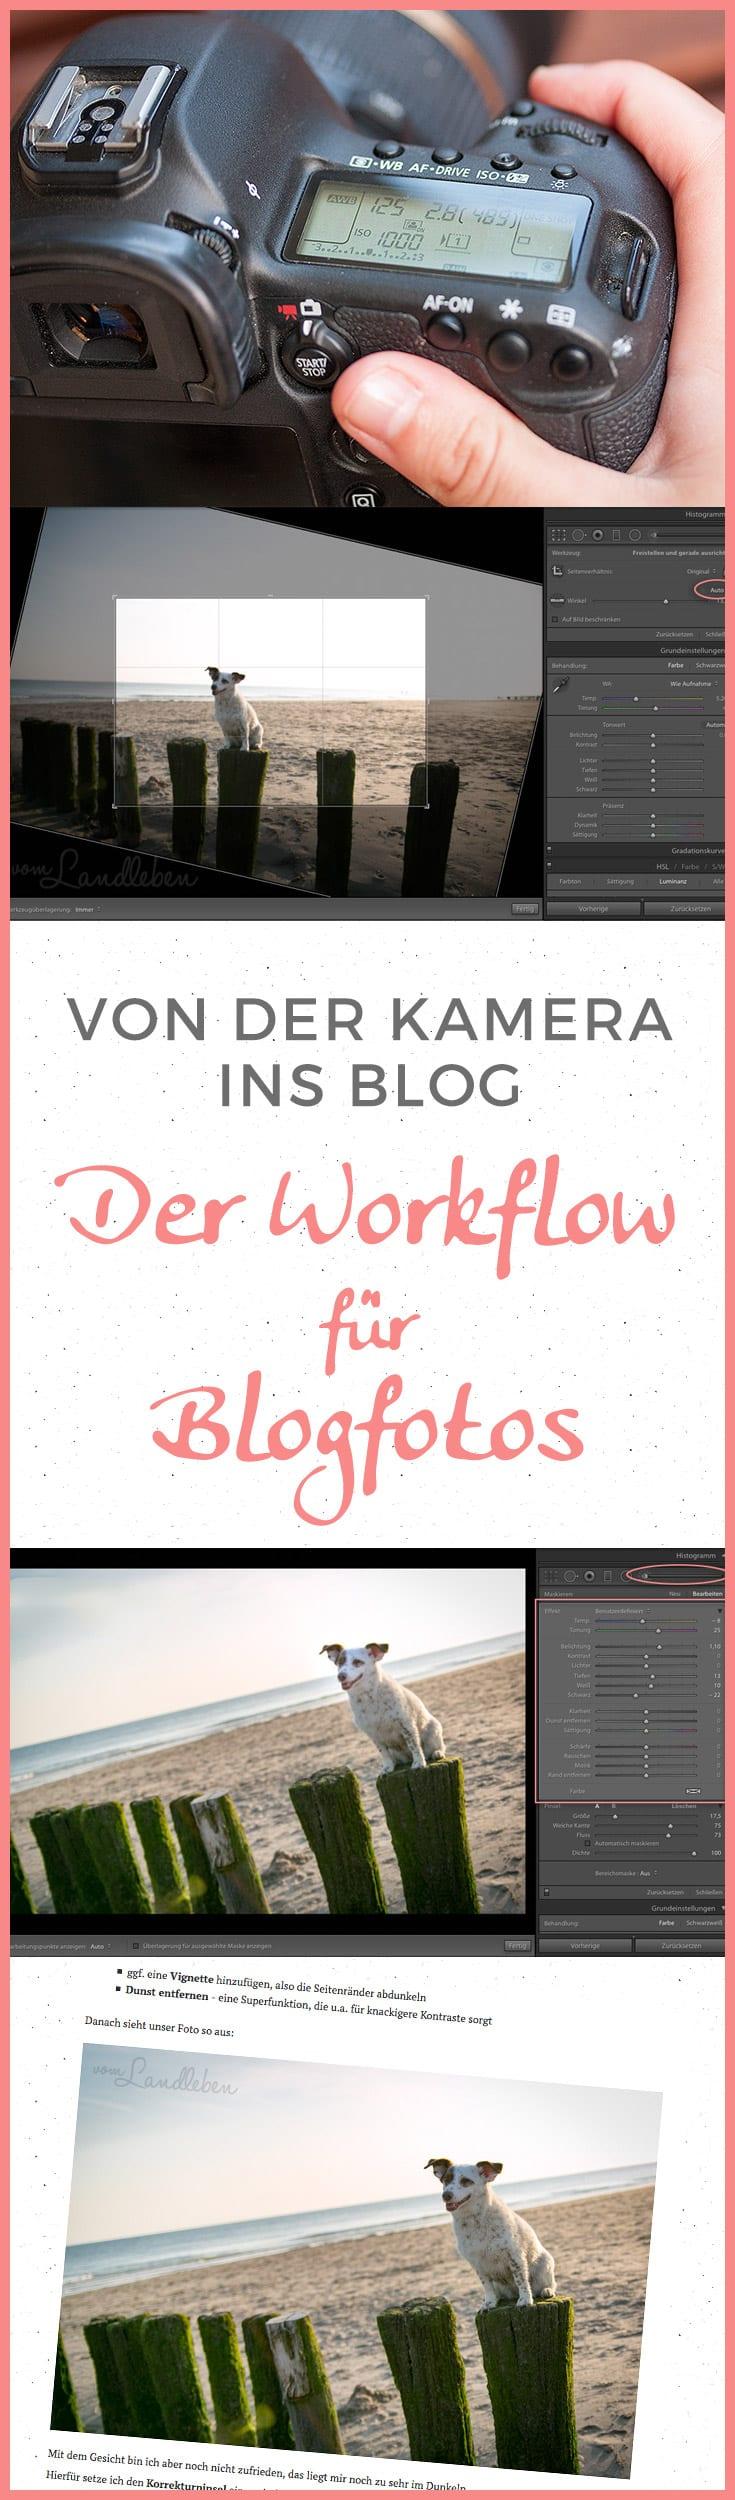 Von der Kamera ins Blog: der Workflow für Blogfotos – ein Tutorial